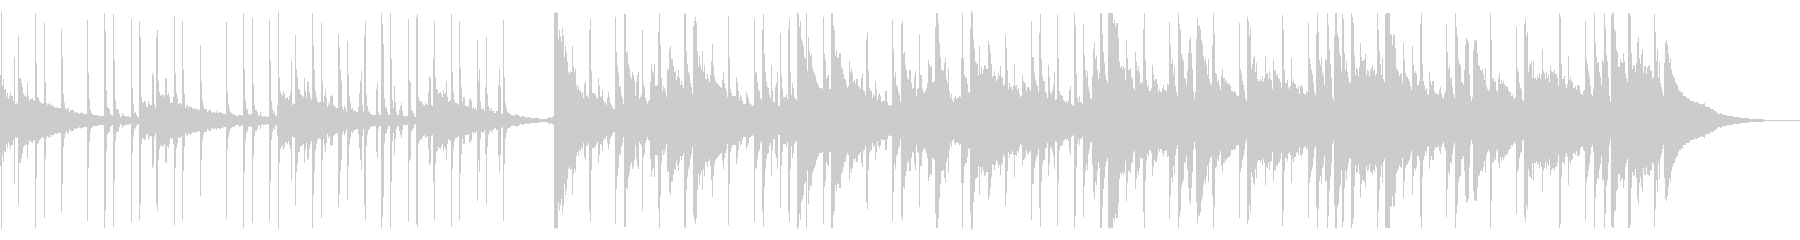 冬を感じるチルBGM_3の未再生の波形